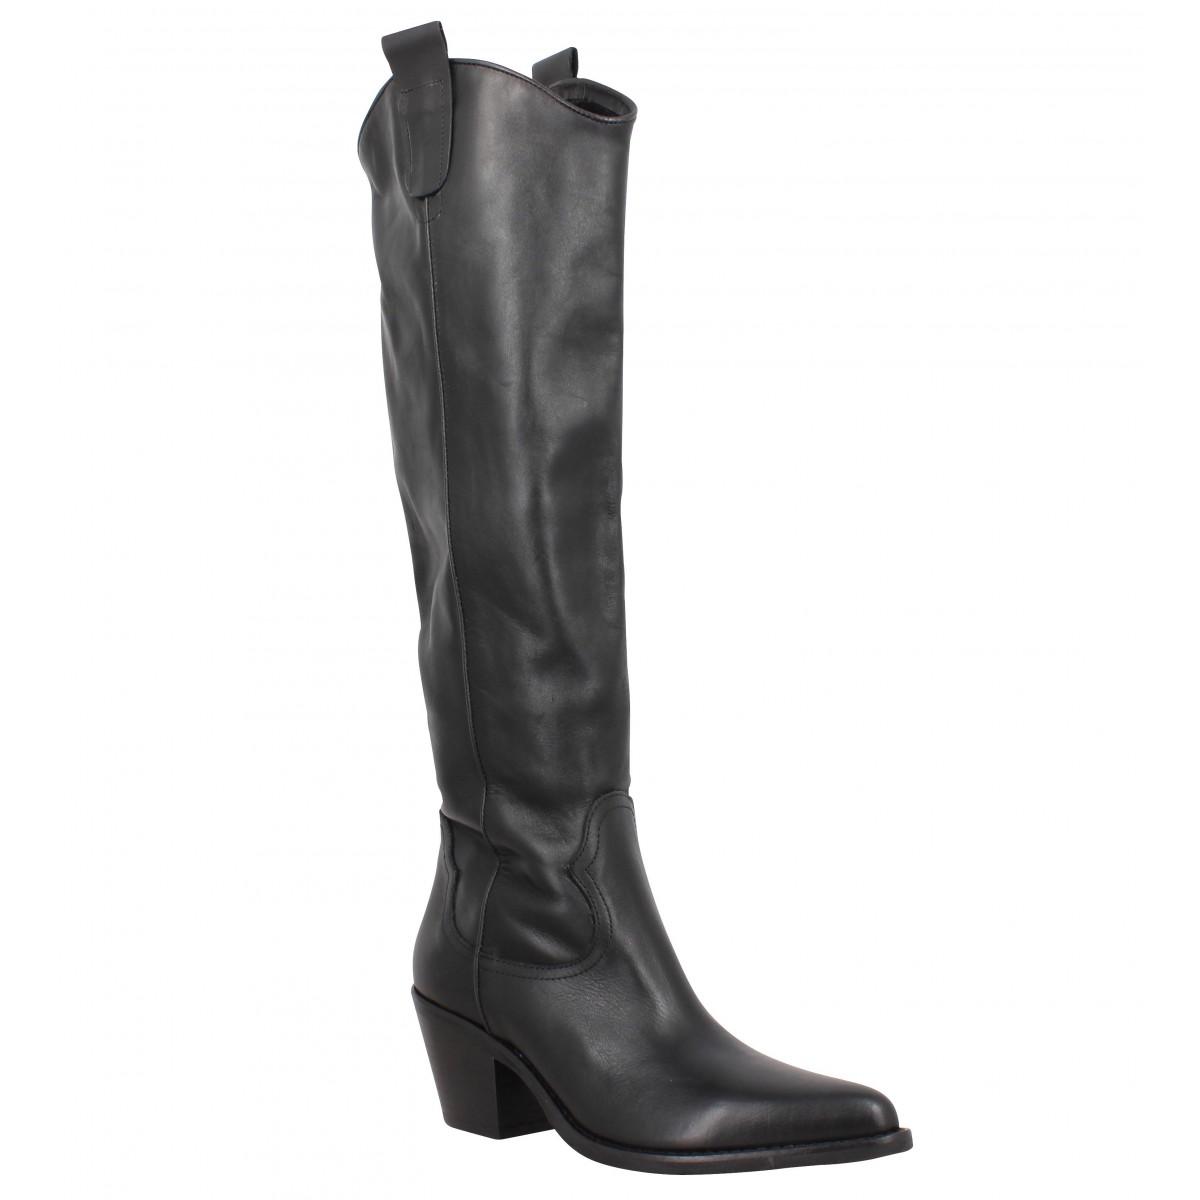 Bottes SEMERDJIAN ER841 cuir Femme Noir